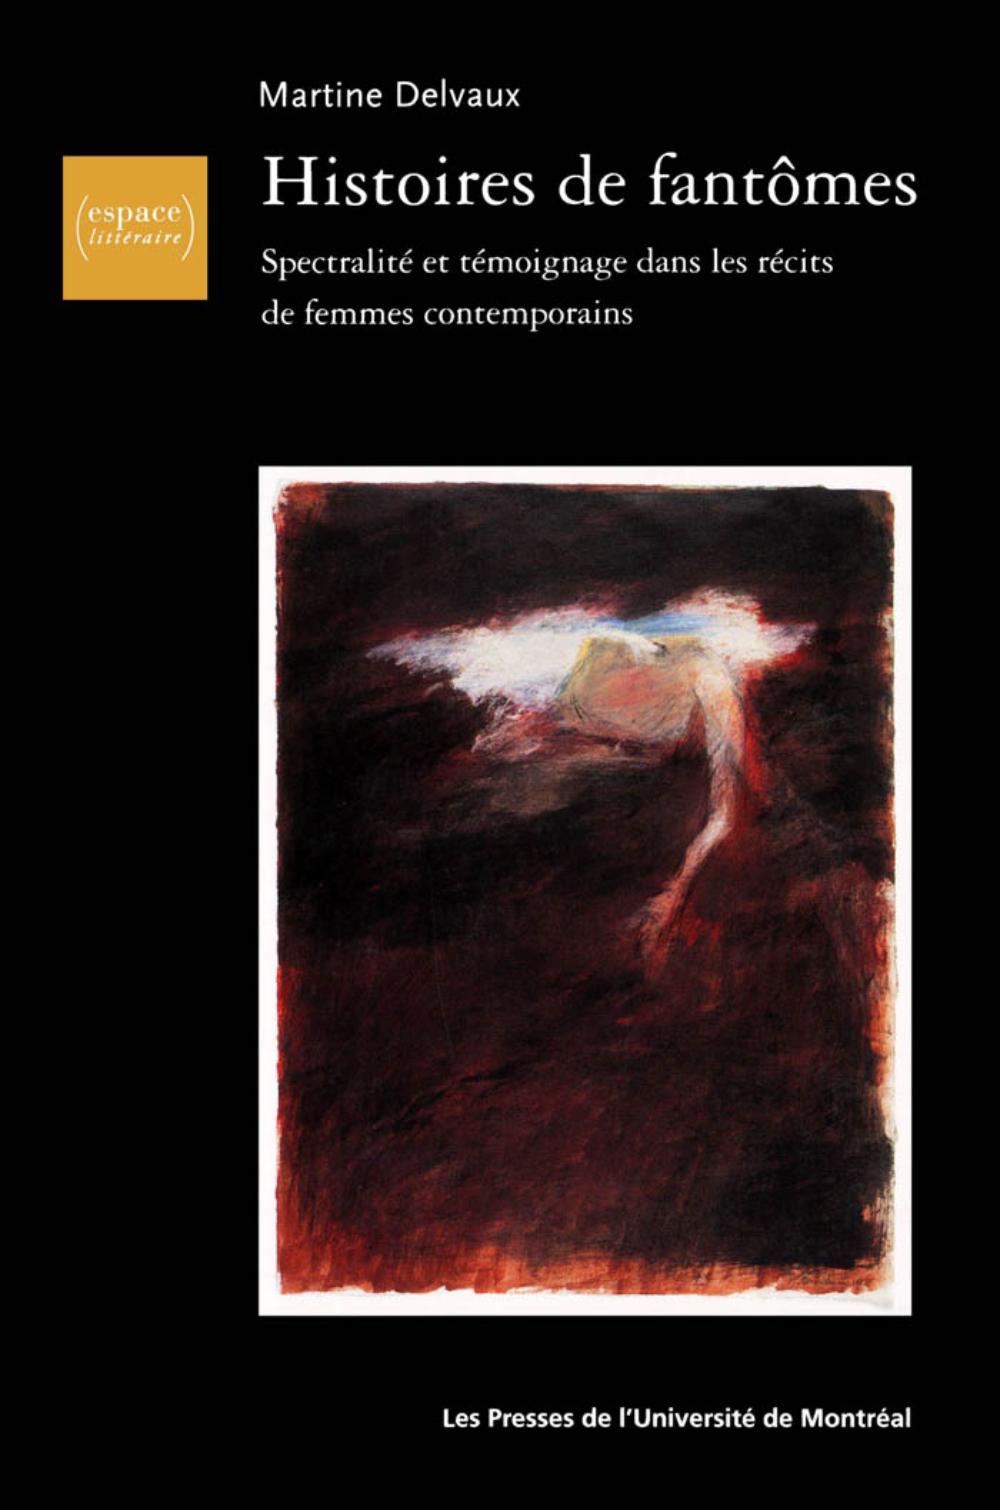 Histoires de fantomes. Spectralité et témoignage dans les récits de femmes contemporains